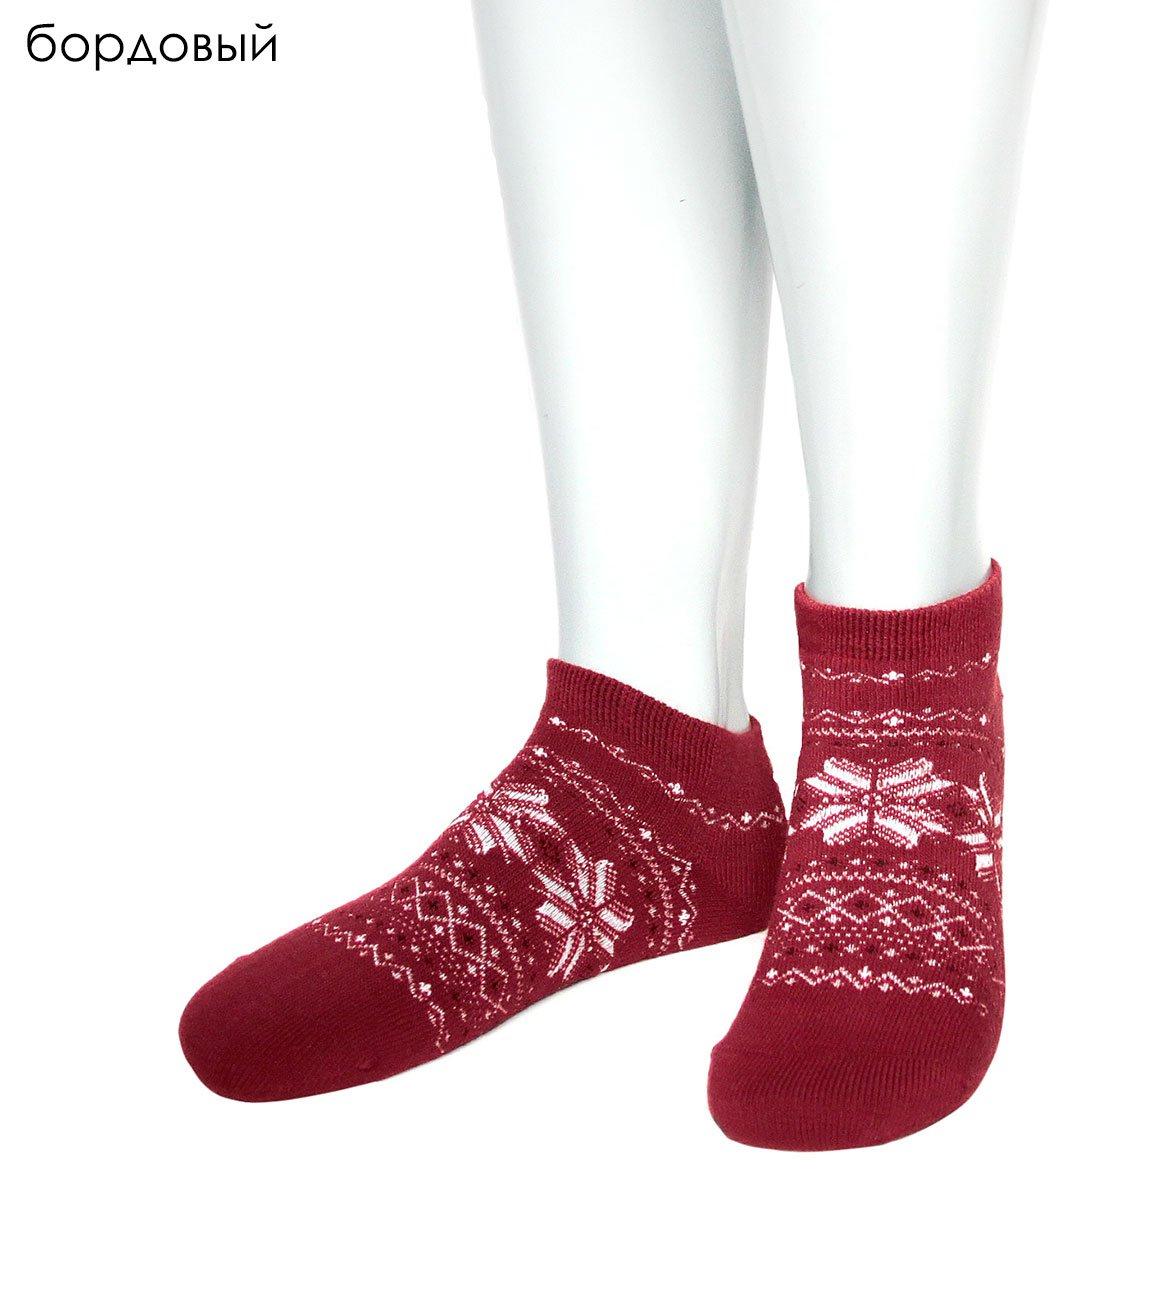 3b955cd959e6b Женские шерстяные носки 17D4 Grinston: купить по лучшей цене с ...